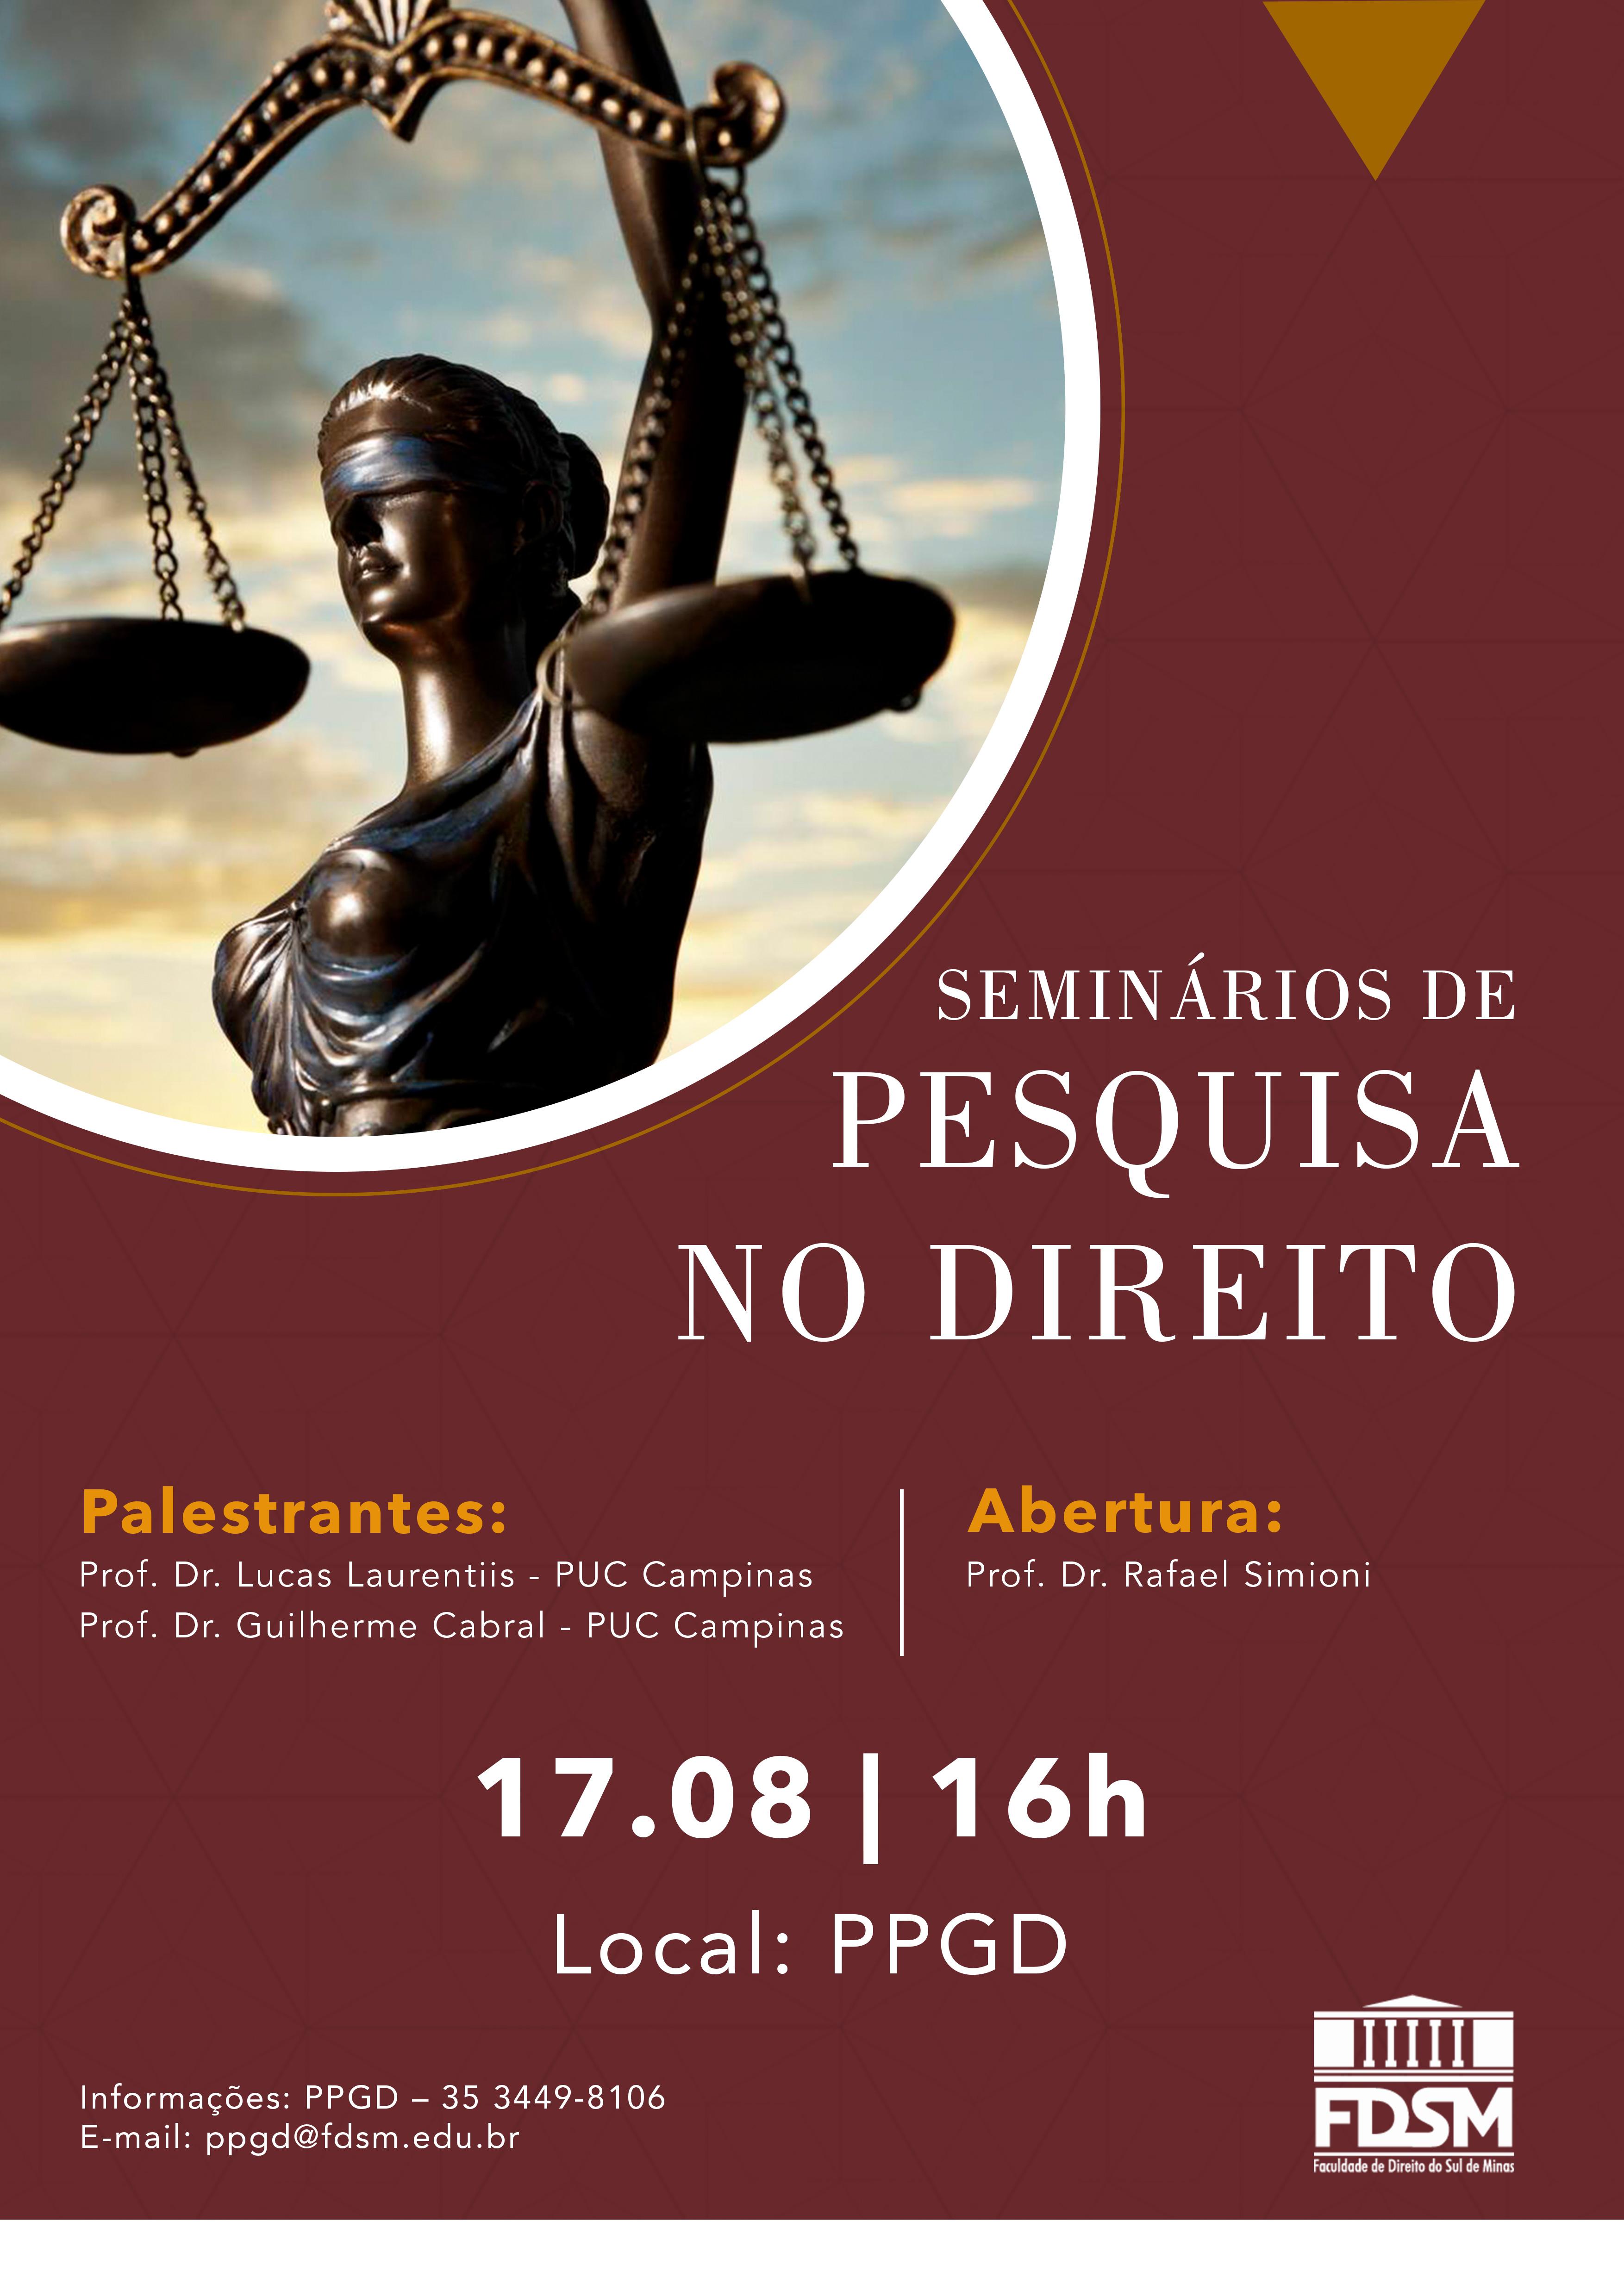 Palestra: Seminários de Pesquisa no Direito